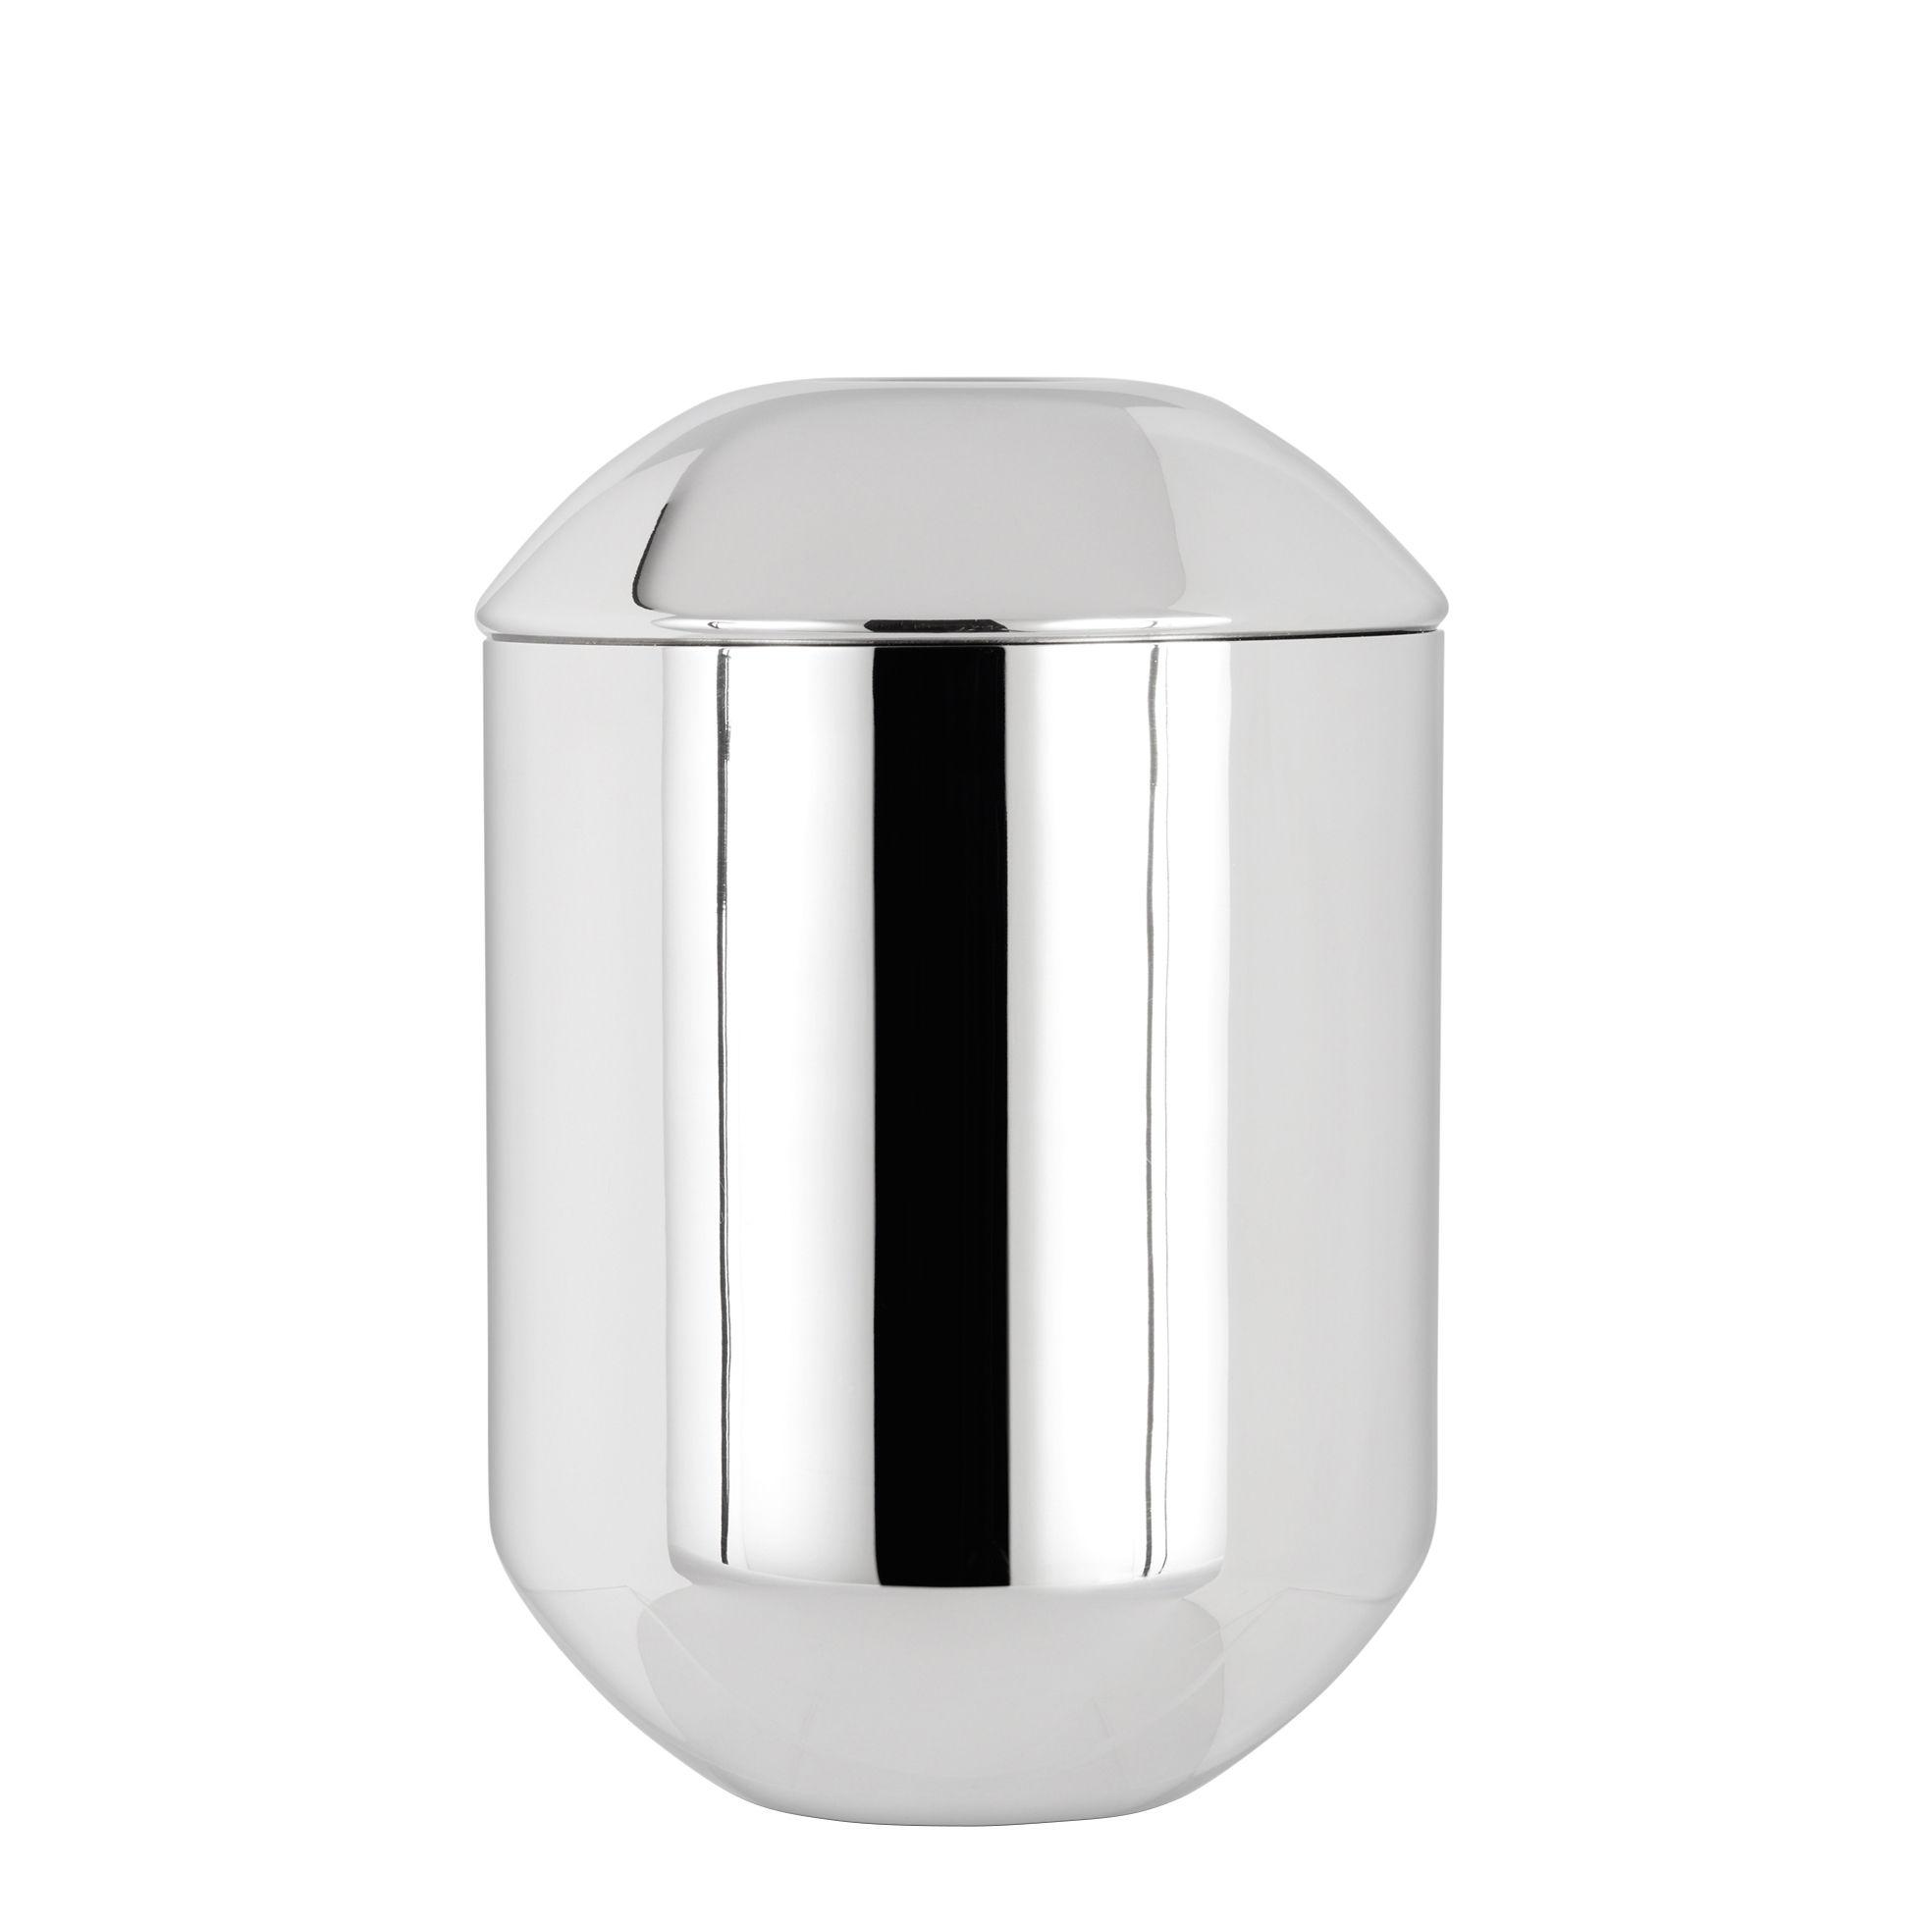 Tischkultur - Tee und Kaffee - Caddy Teedose / Ø 8,5 cm x H 12,5 cm - Tom Dixon - Edelstahl, poliert - polierter rostfreier Stahl